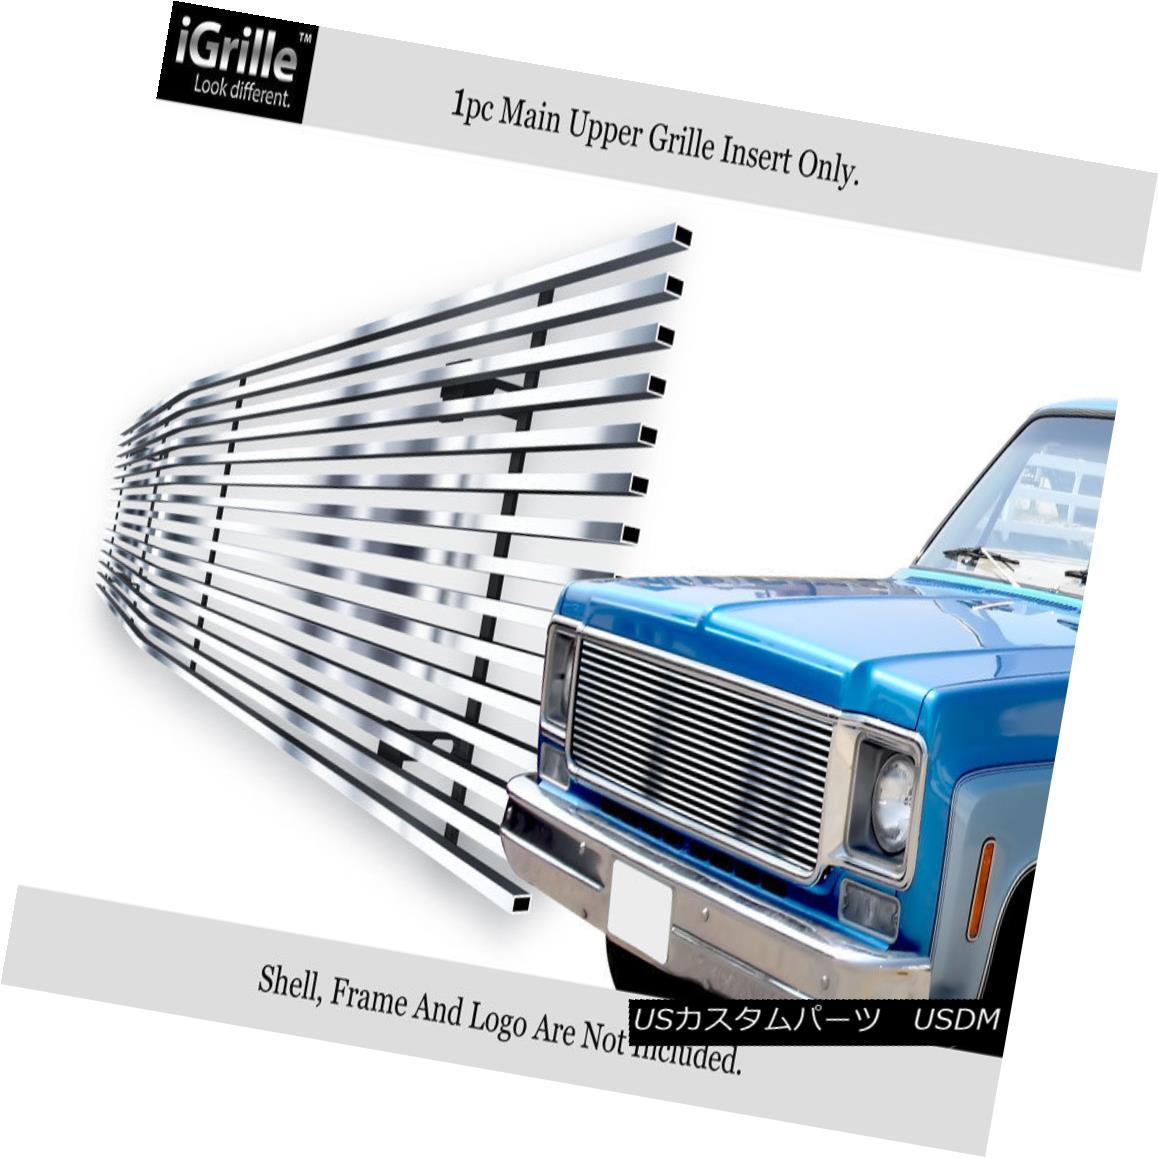 グリル 304 Stainless Steel Billet Grille Fits 1973-80 Chevy C/K Pickup/Suburban/Blazer 304ステンレススチールビレットグリルフィット1973-80 Chevy C / Kピックアップ/サバーバ n / Blazer